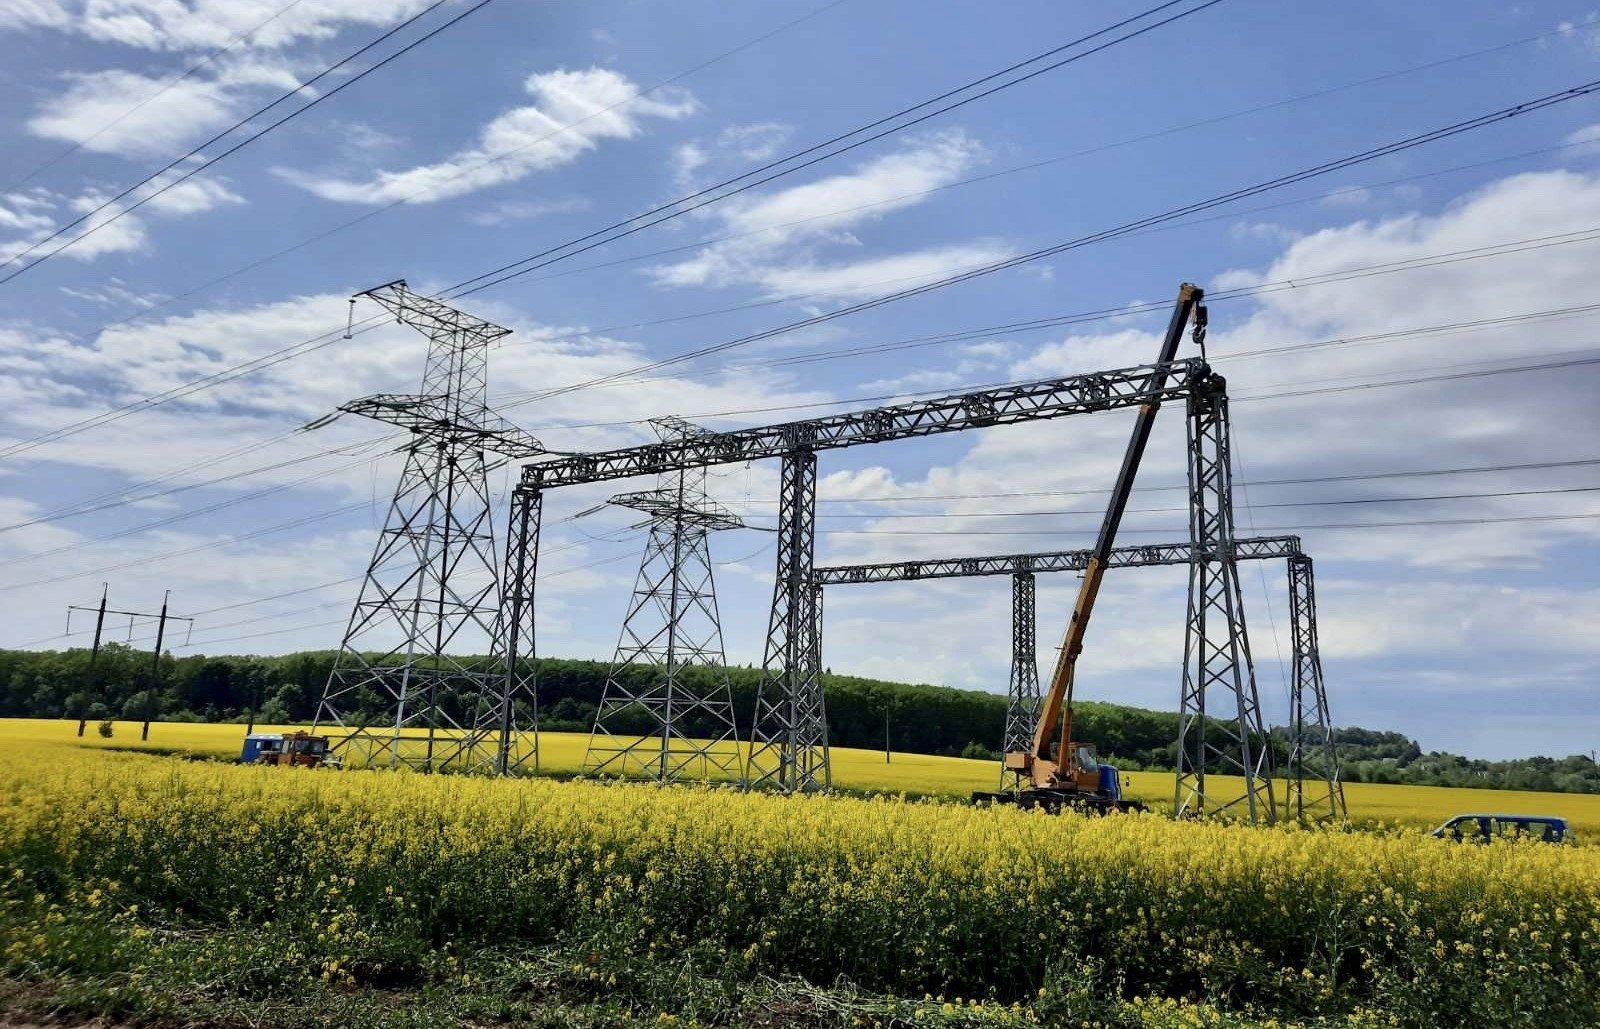 Тривають роботи з будівництва ПЛ 330 кВ «Західноукраїнська – Богородчани»!